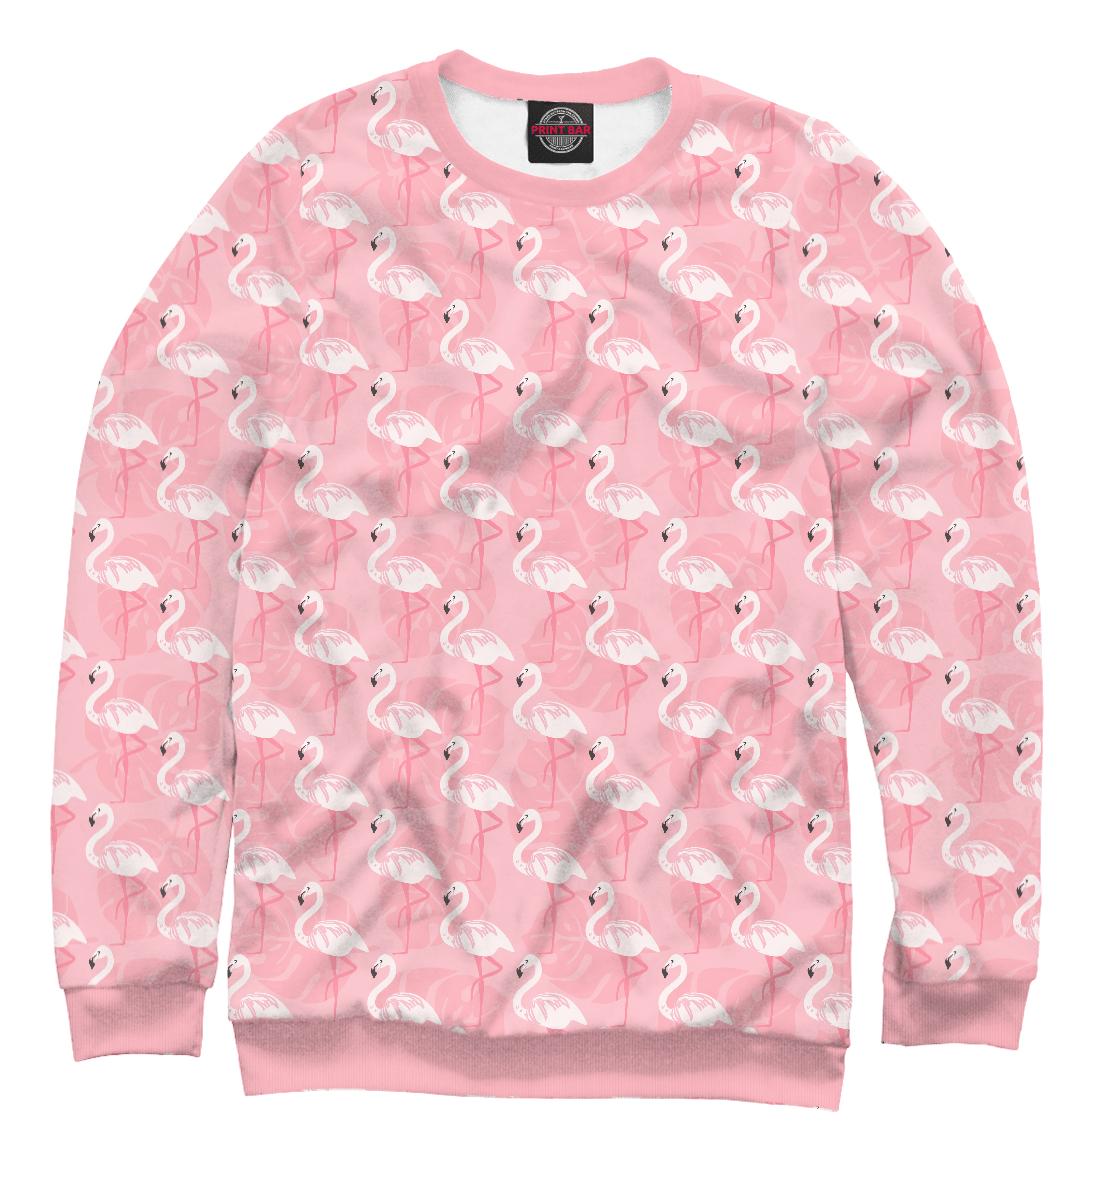 Купить Розовый Фламинго, Printbar, Свитшоты, PTI-396884-swi-1